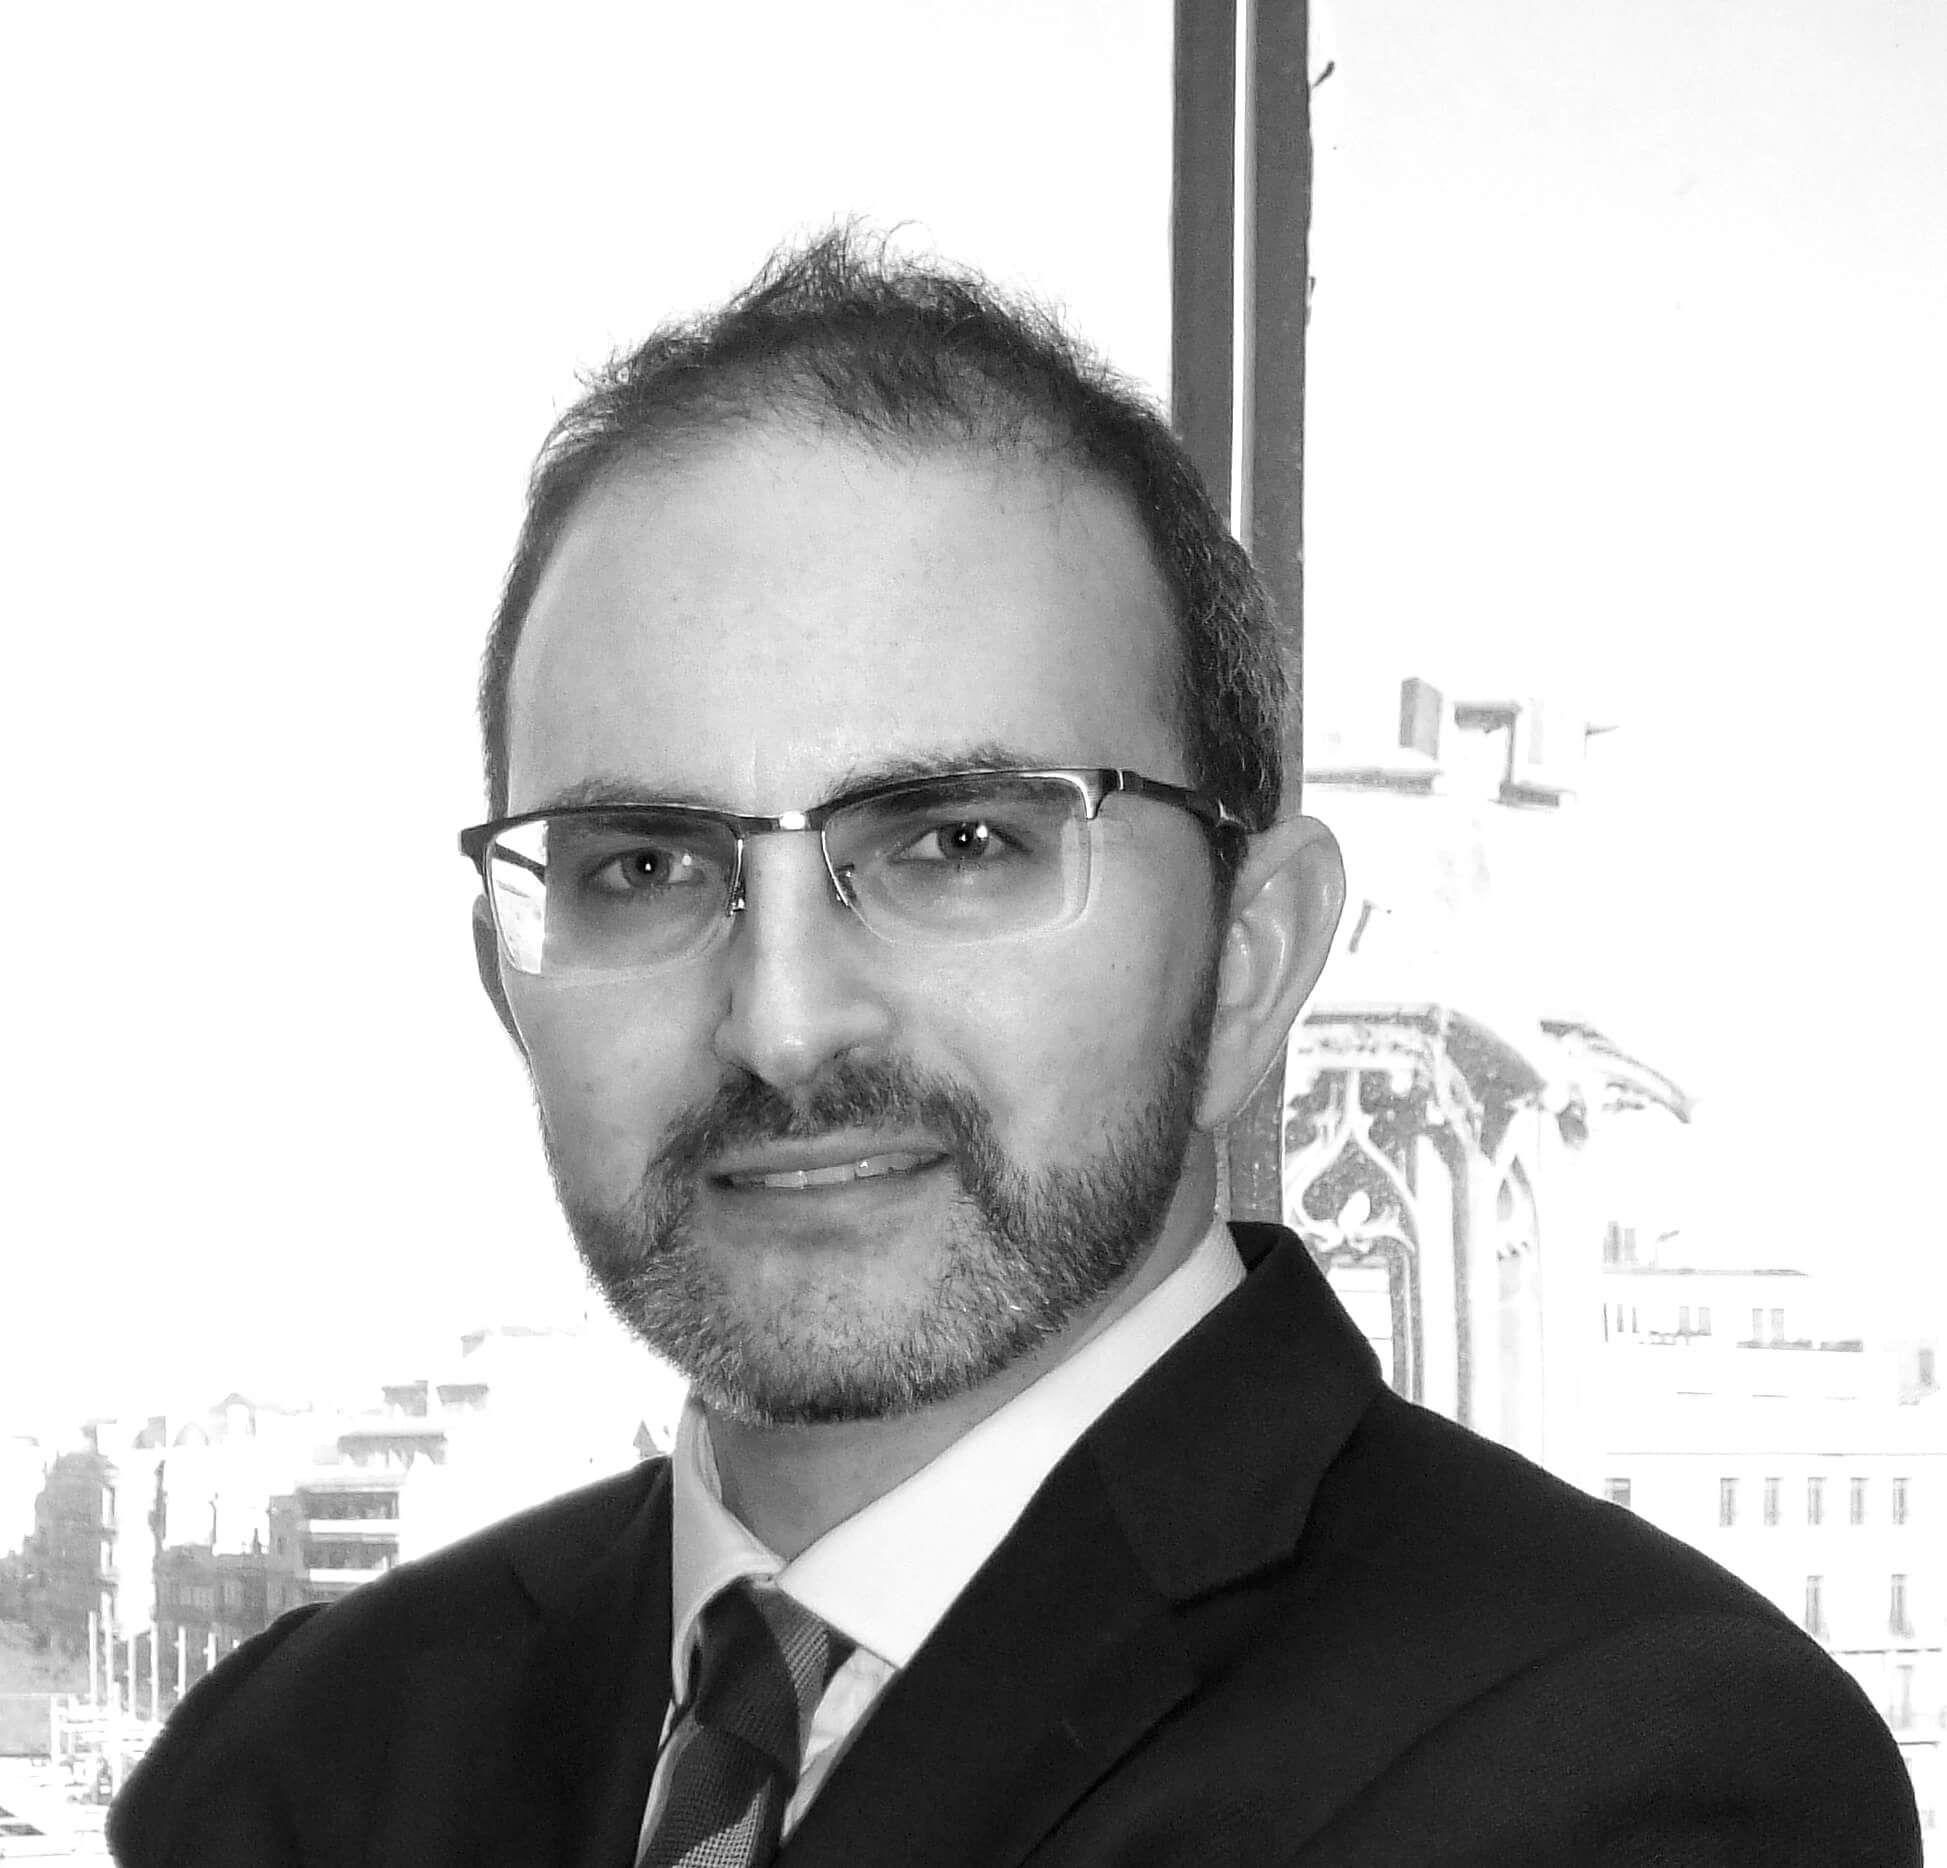 Pere Suau-Sanchez